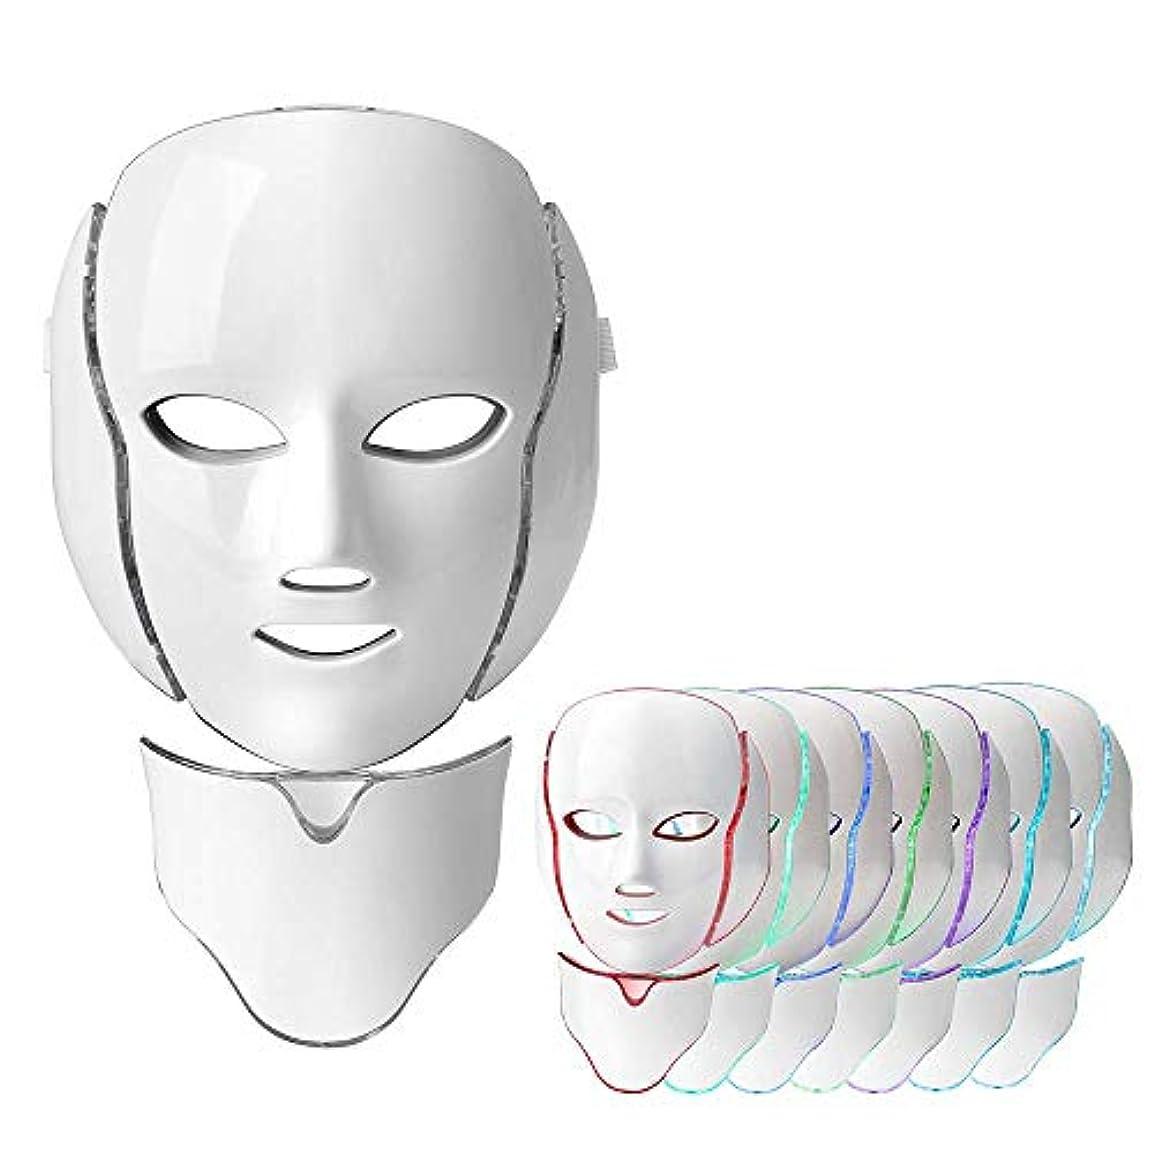 バーチャルエリート極めてフォトンセラピーライトセラピーフェイスマスク、マイクロカレント7色ニキビ治療Ledフォトンマスクフェイシャルスキンケアアンチエイジングキット